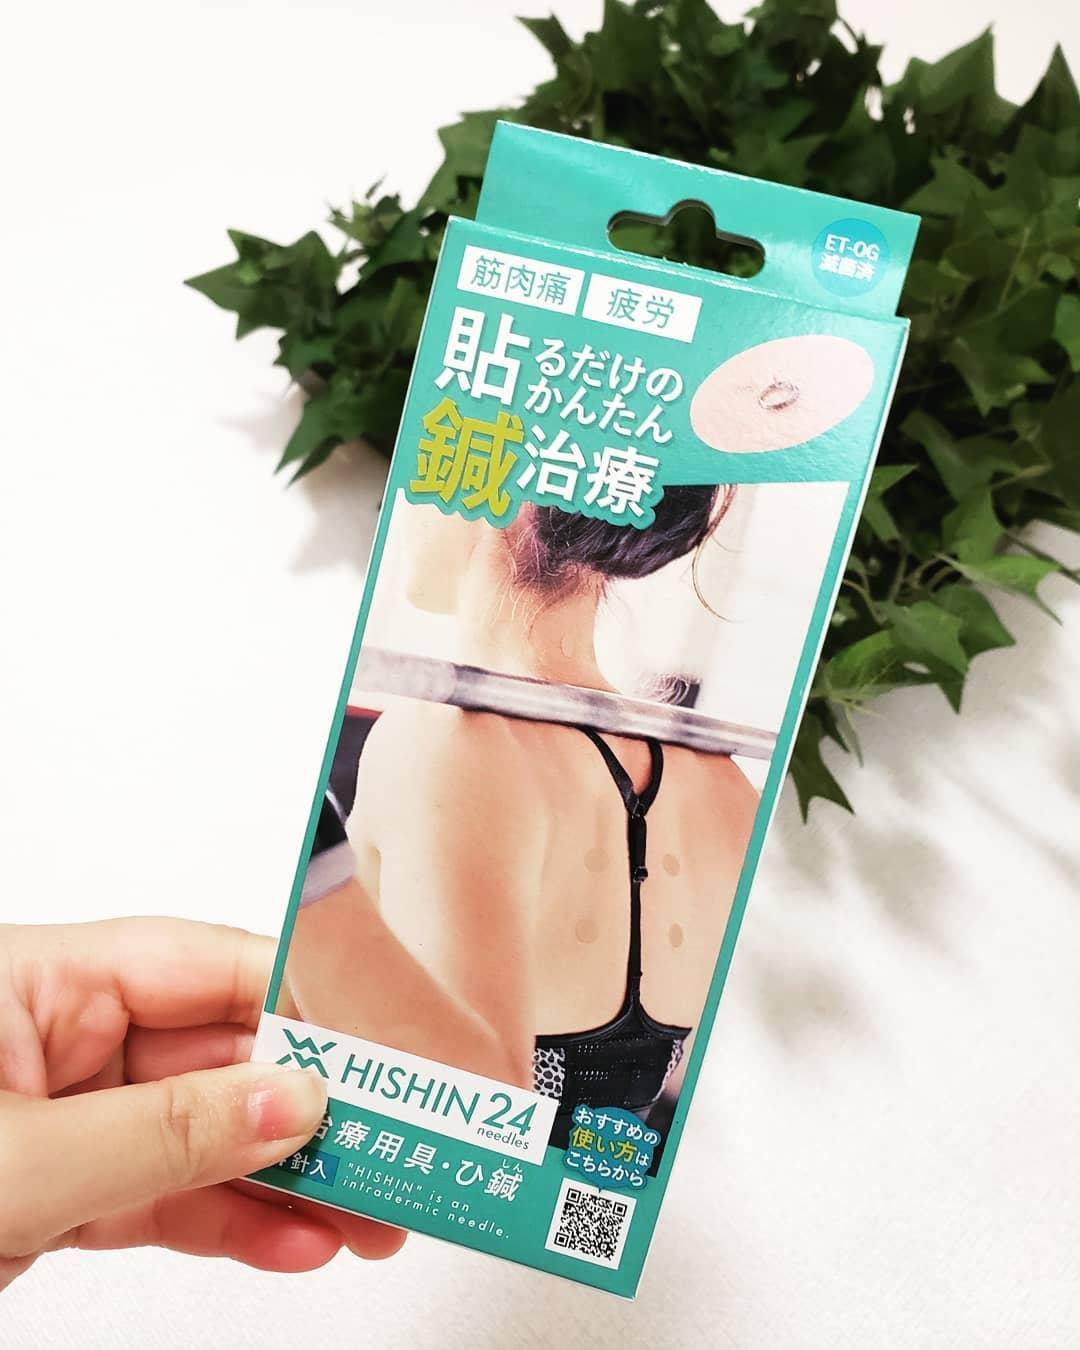 口コミ投稿:【magico 鍼治療用具・ひ鍼 24針】を試してみました鍼治療用具・ひ鍼は家で簡単に使…